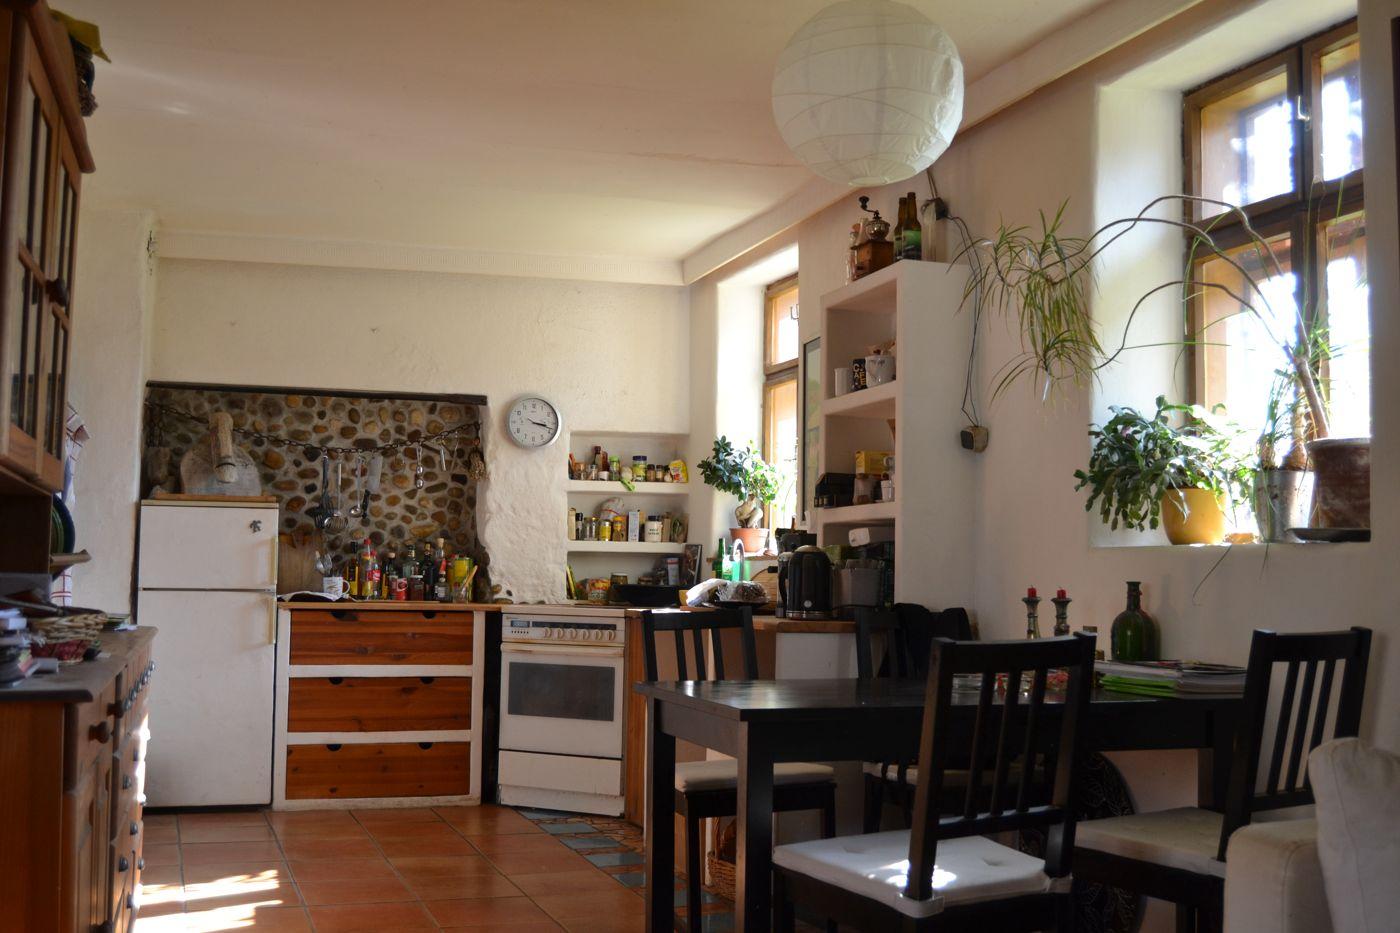 Sympathisch Küche Mediterran Referenz Von Mediterrane Küche Aus Ytong Mit Lehmputz Und